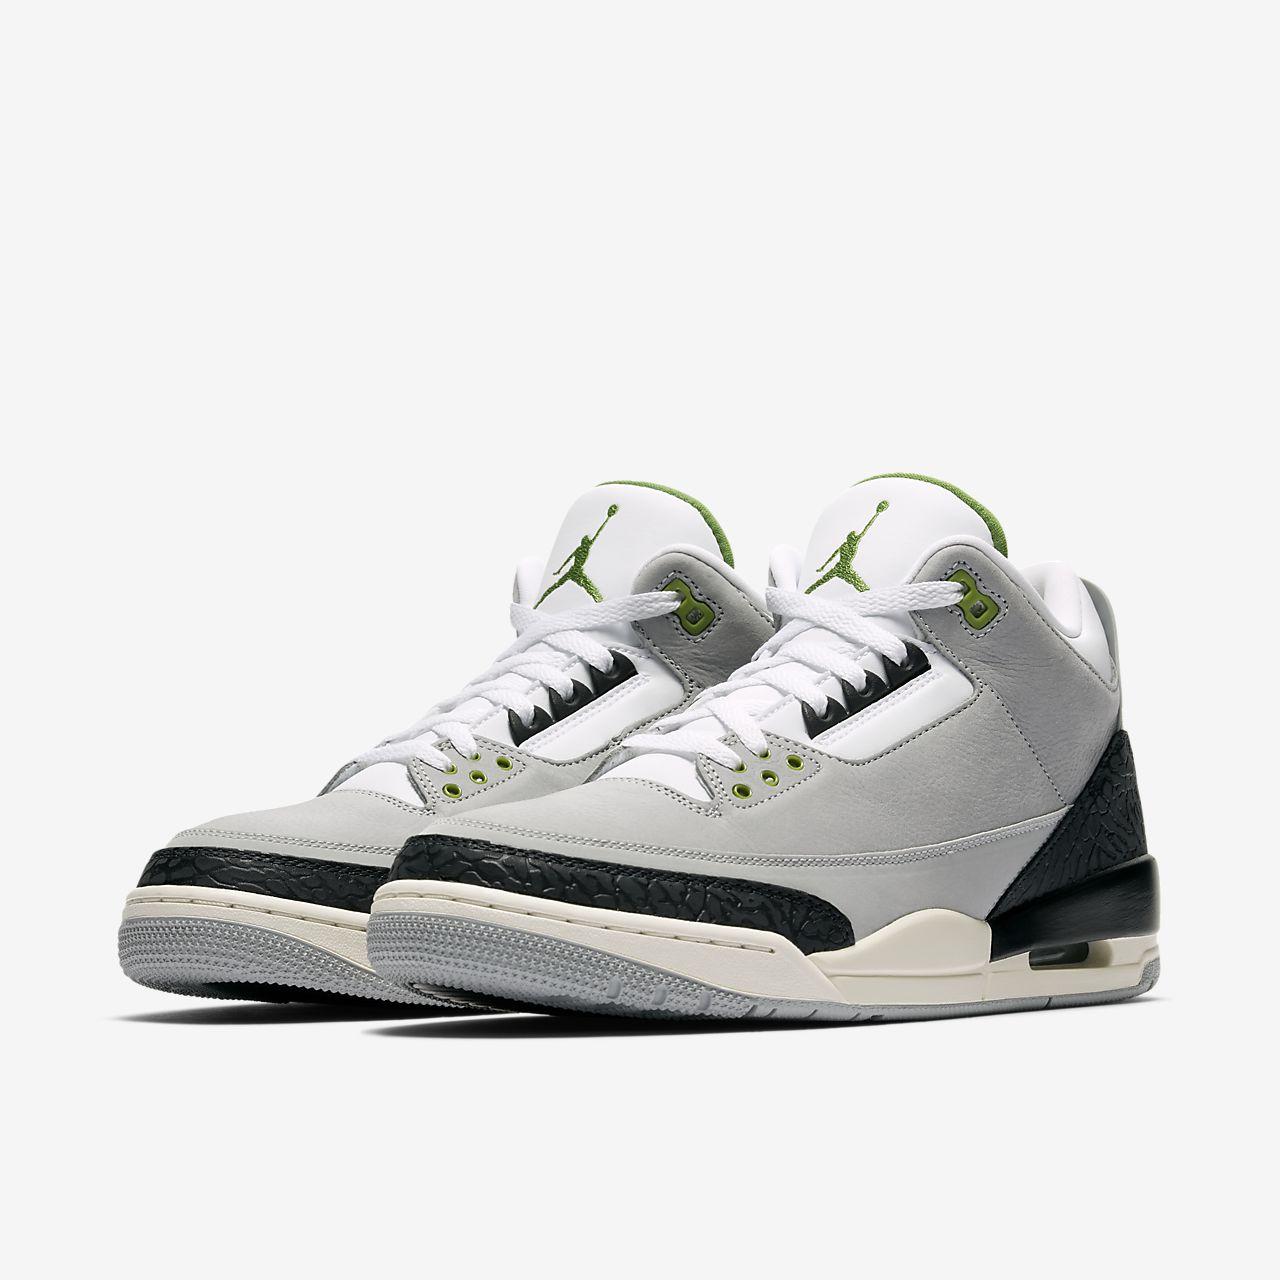 f639cccca2984 Calzado para hombre Air Jordan 3 Retro. Nike.com MX